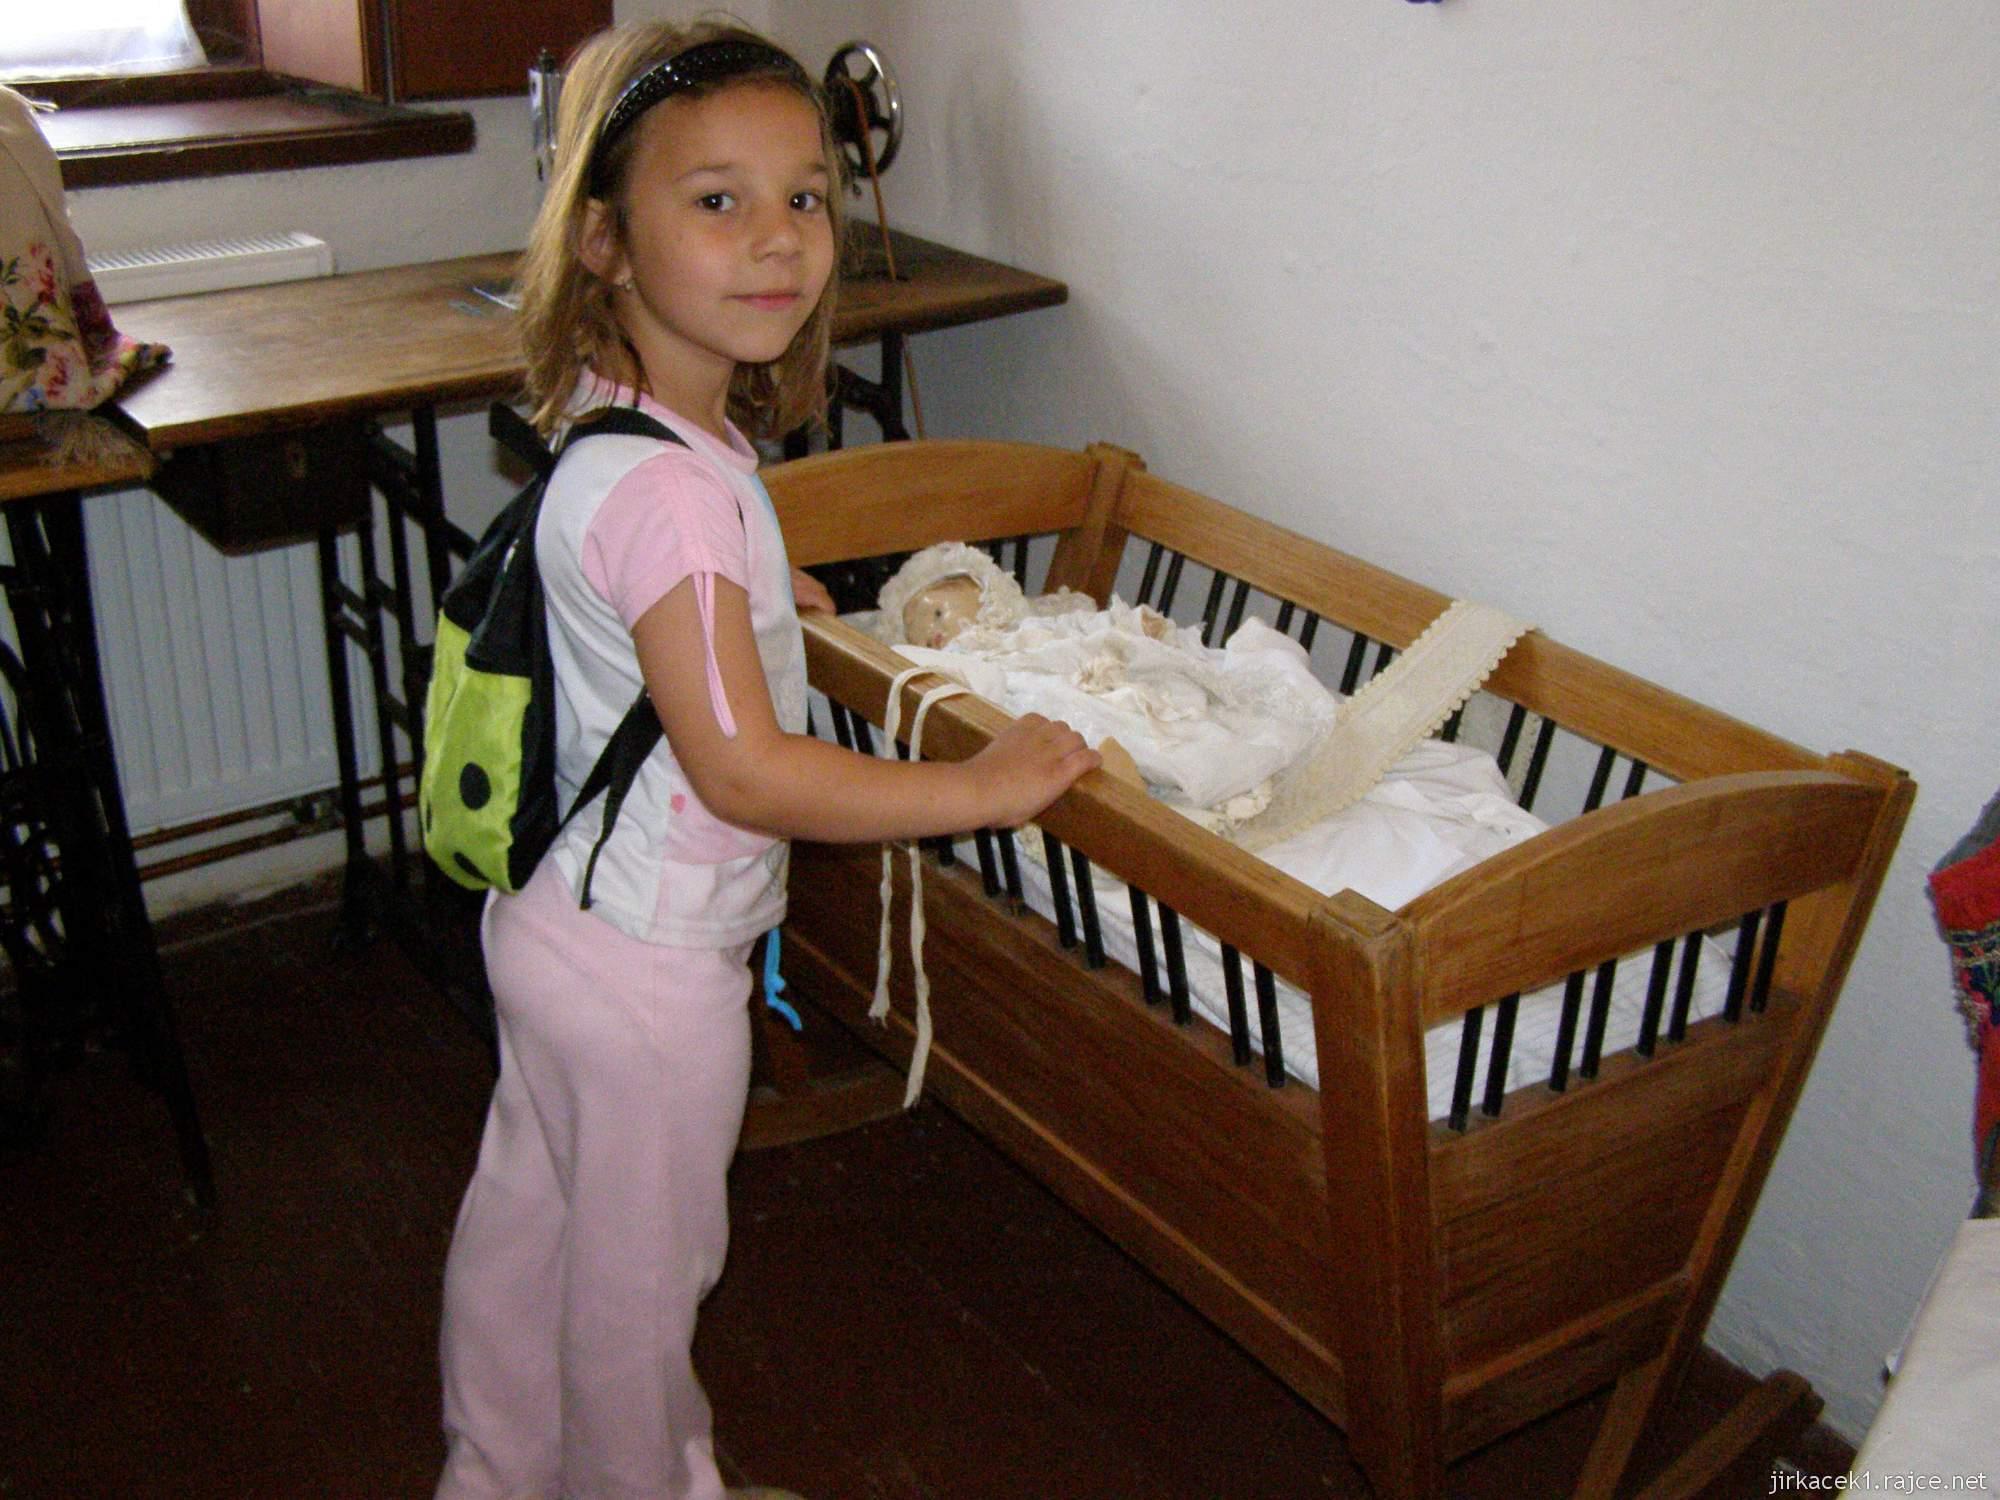 Hanácké skanzen Příkazy - exponáty - šicí stroj a kolébka